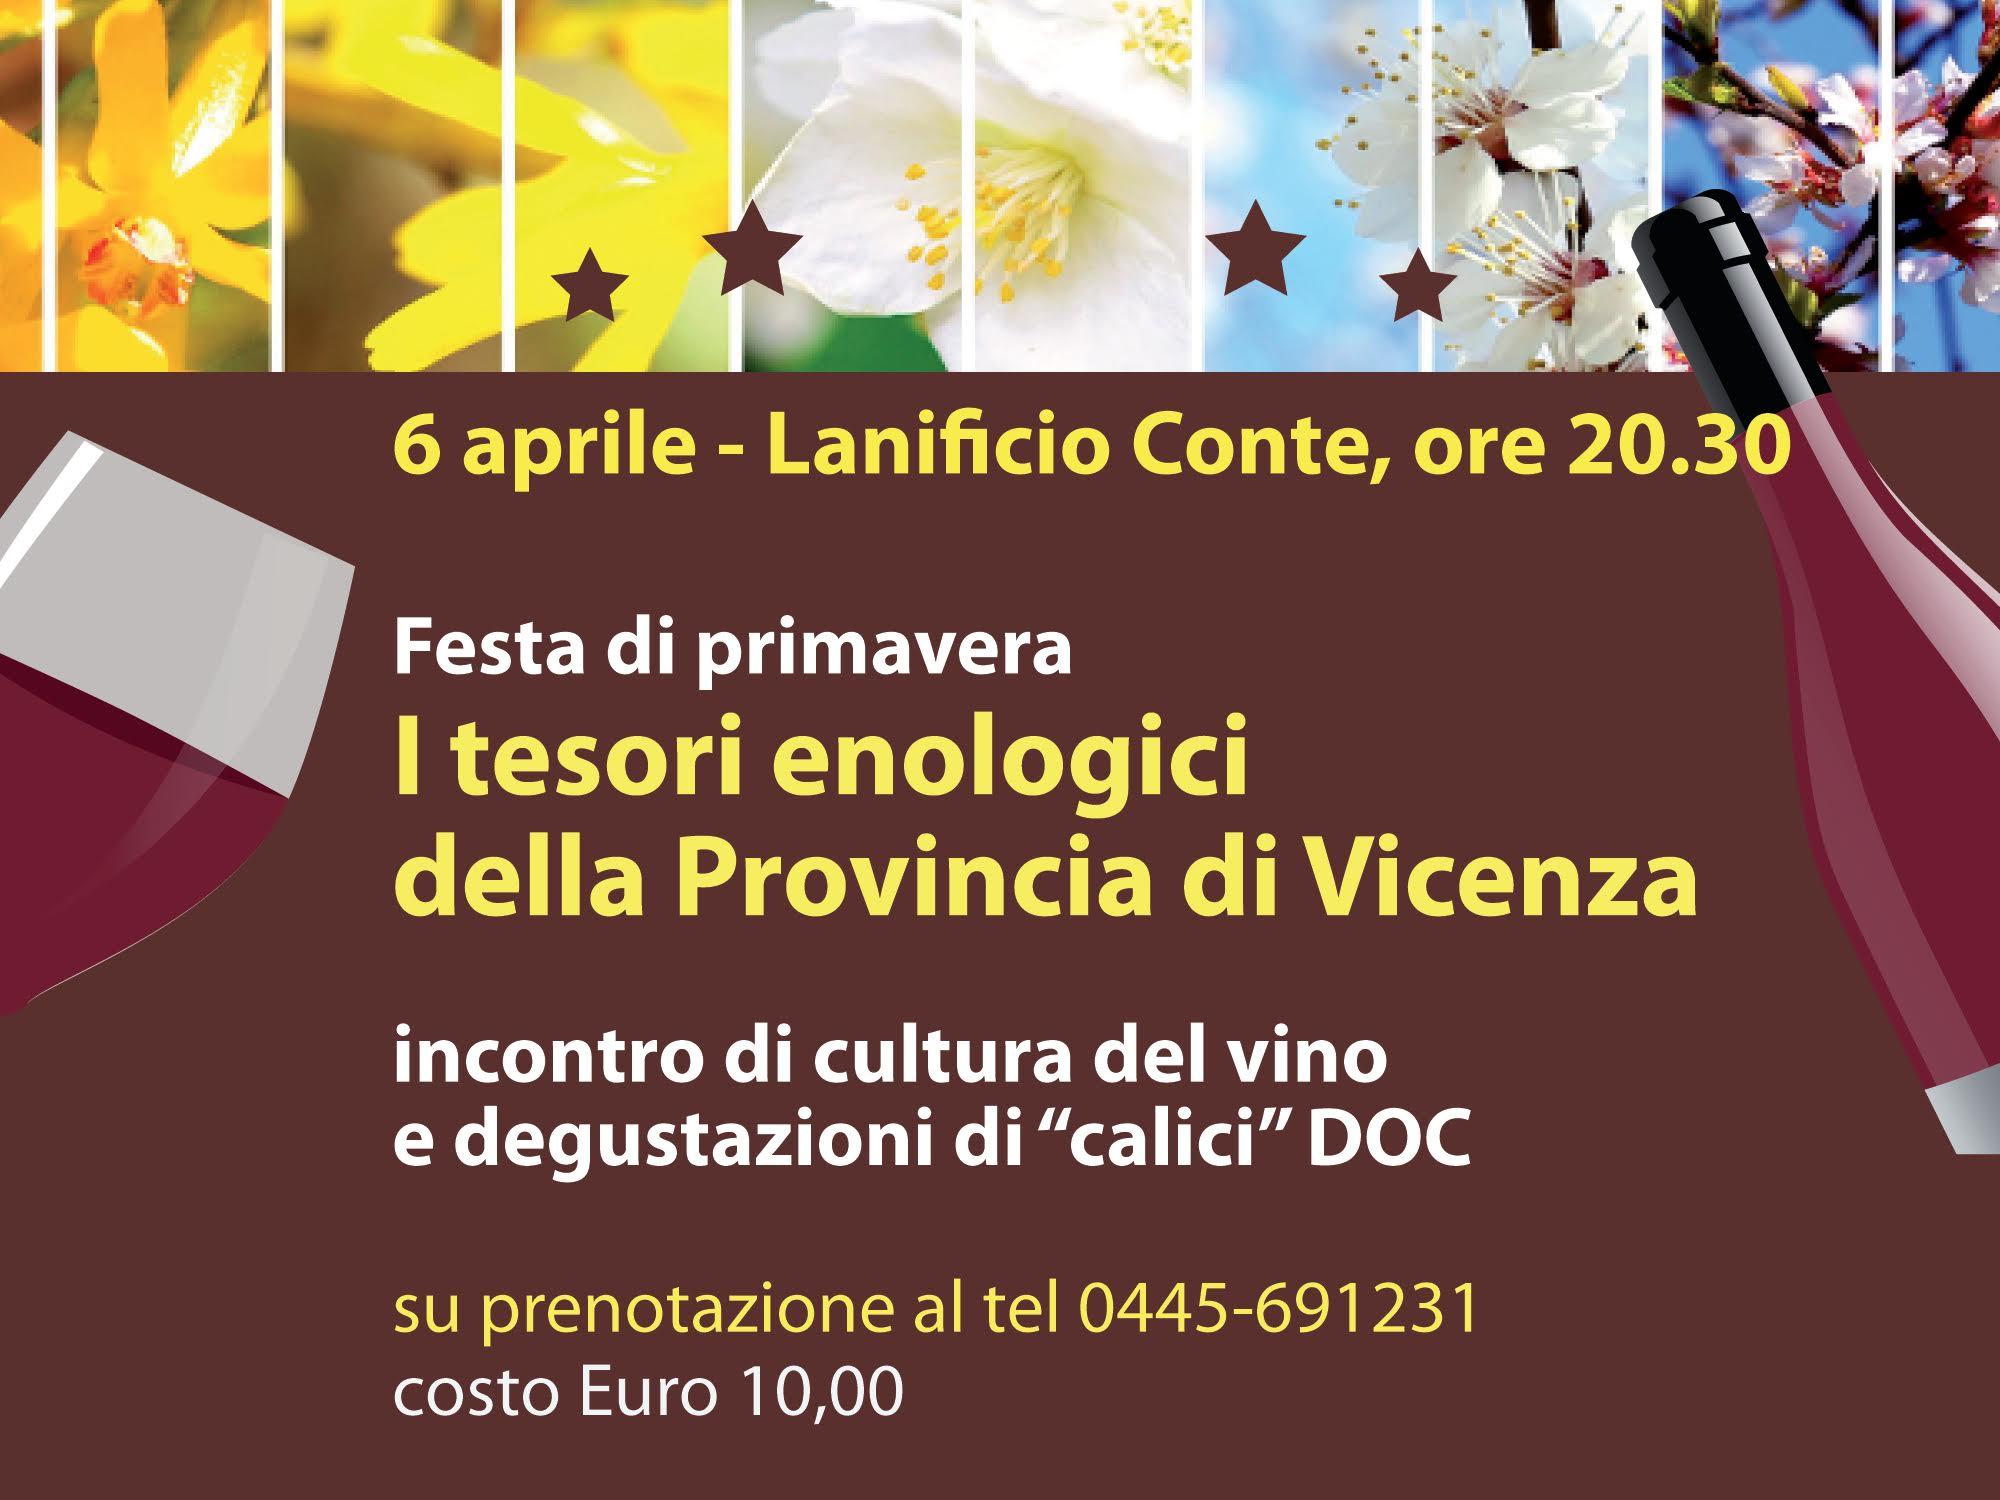 Festa di Primavera_locandina serata 06.04.2018